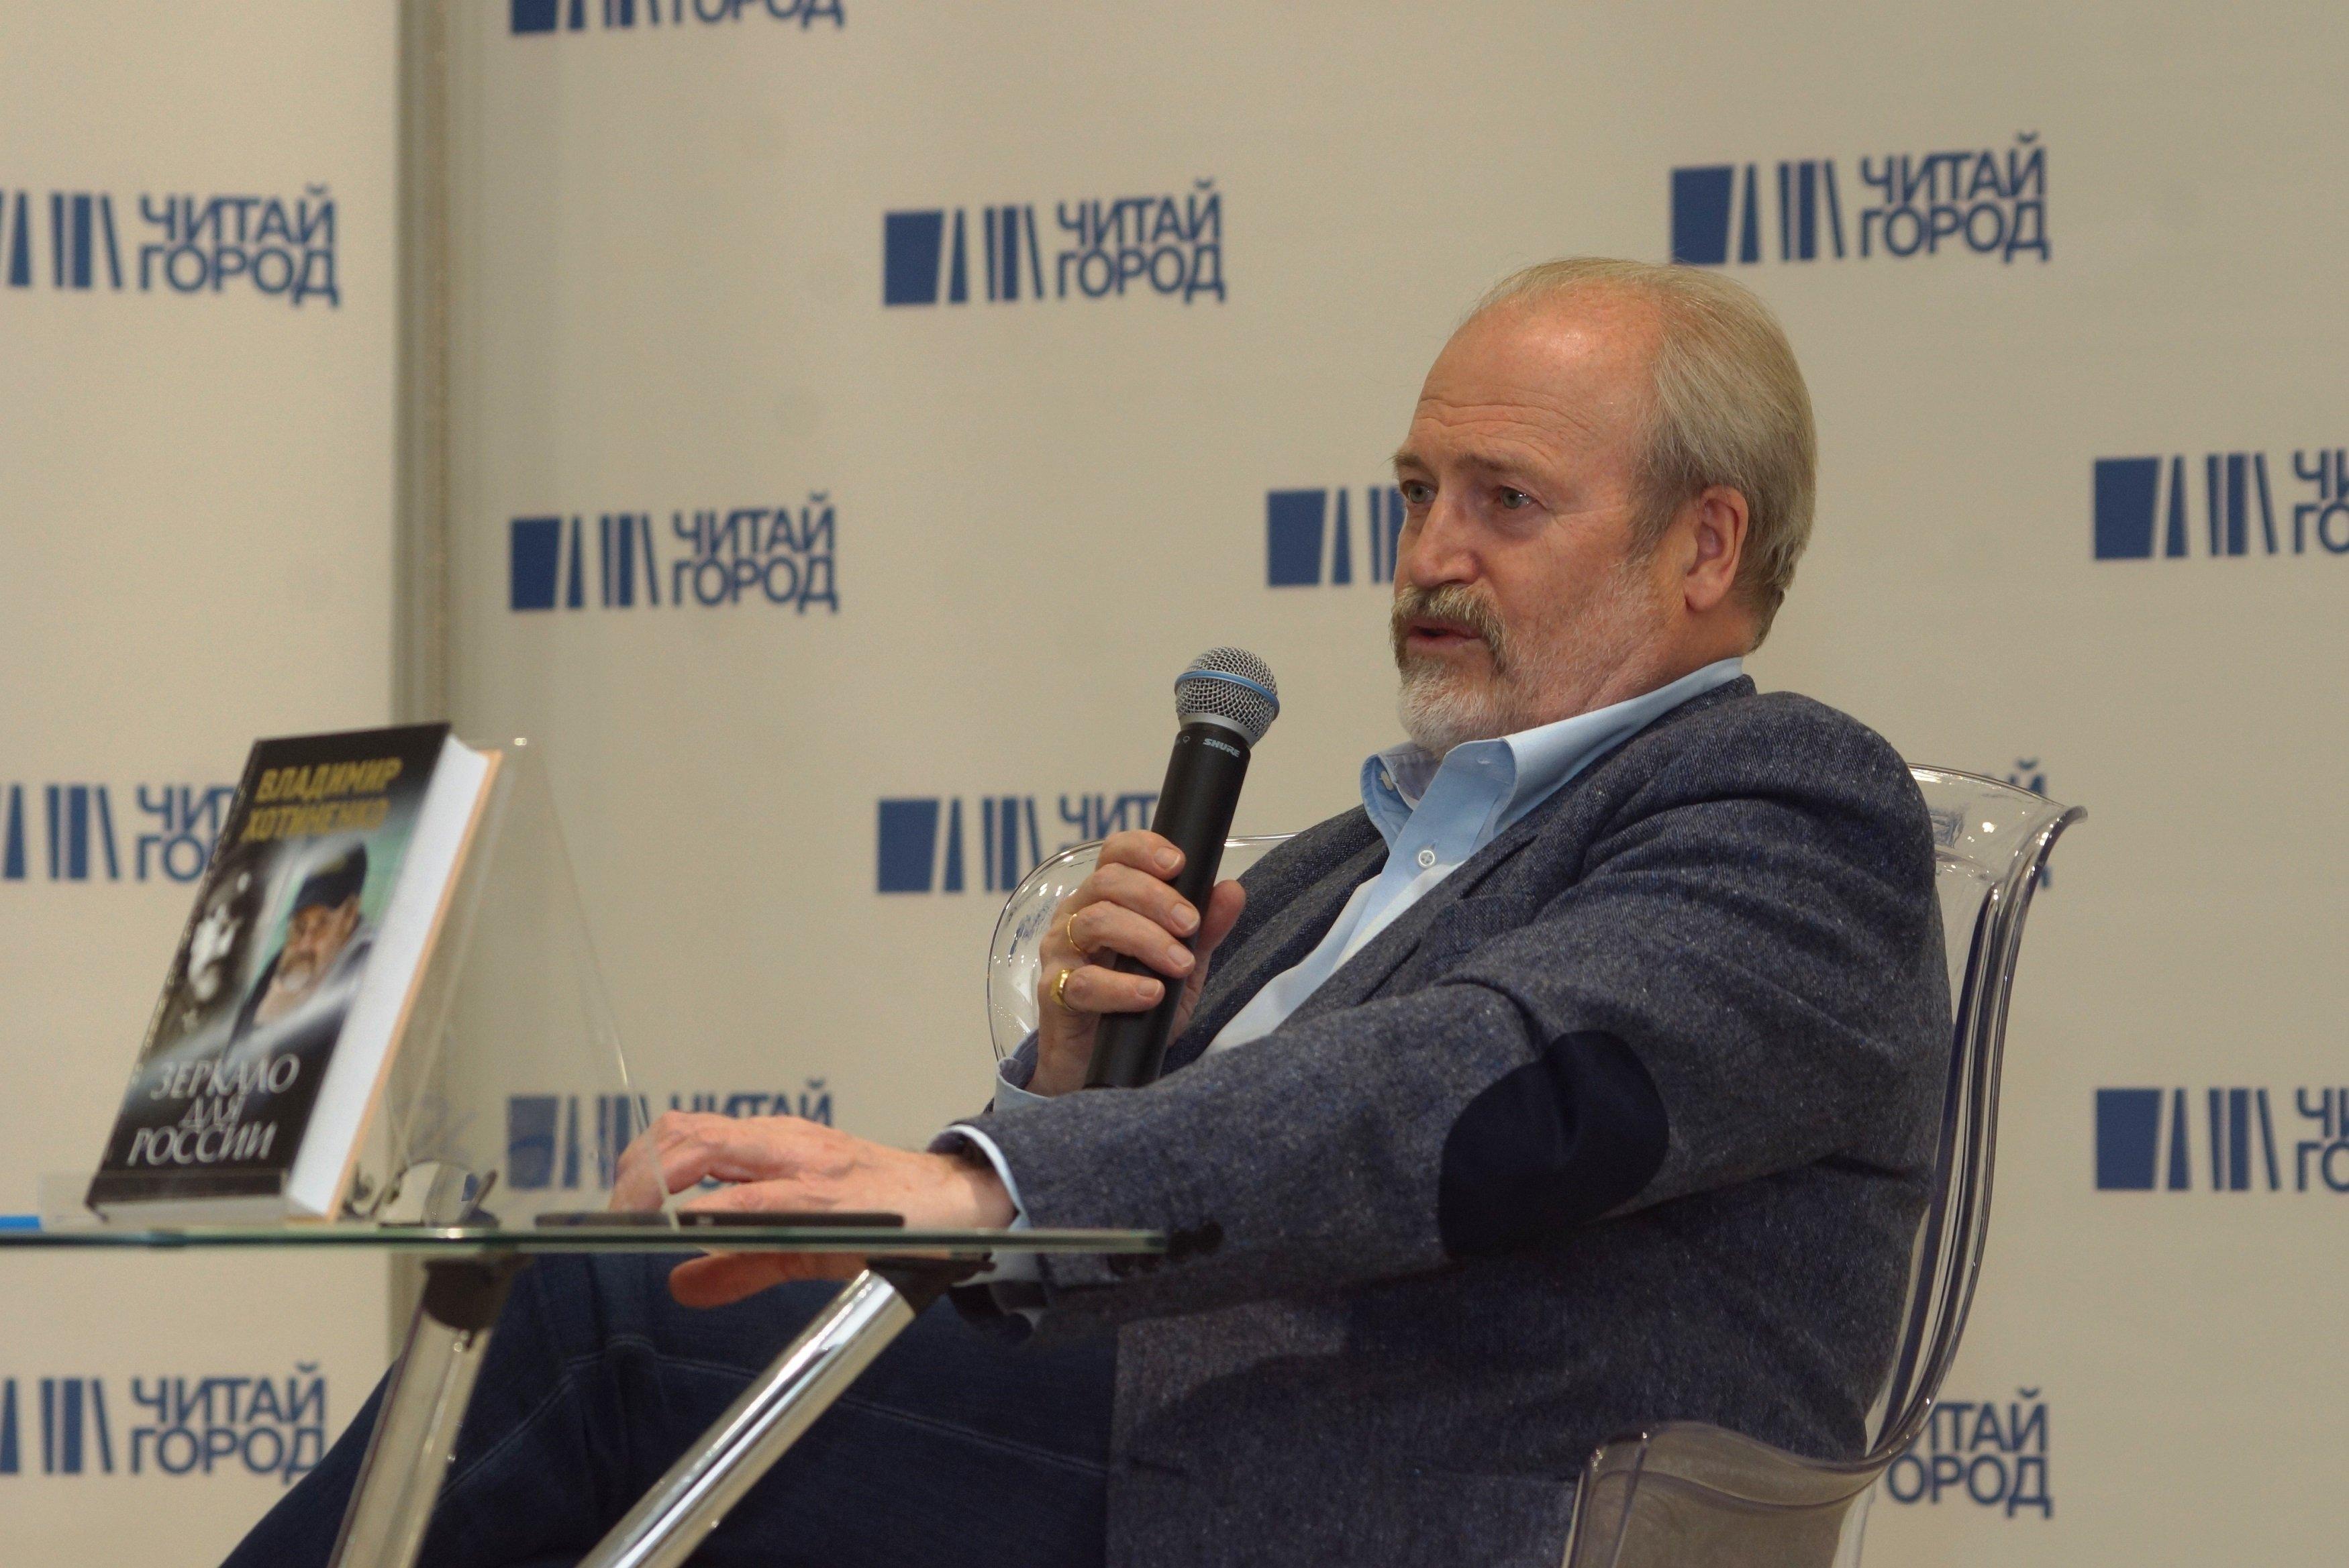 Кинорежиссер Хотиненко предложил сделать залы только для русского кино